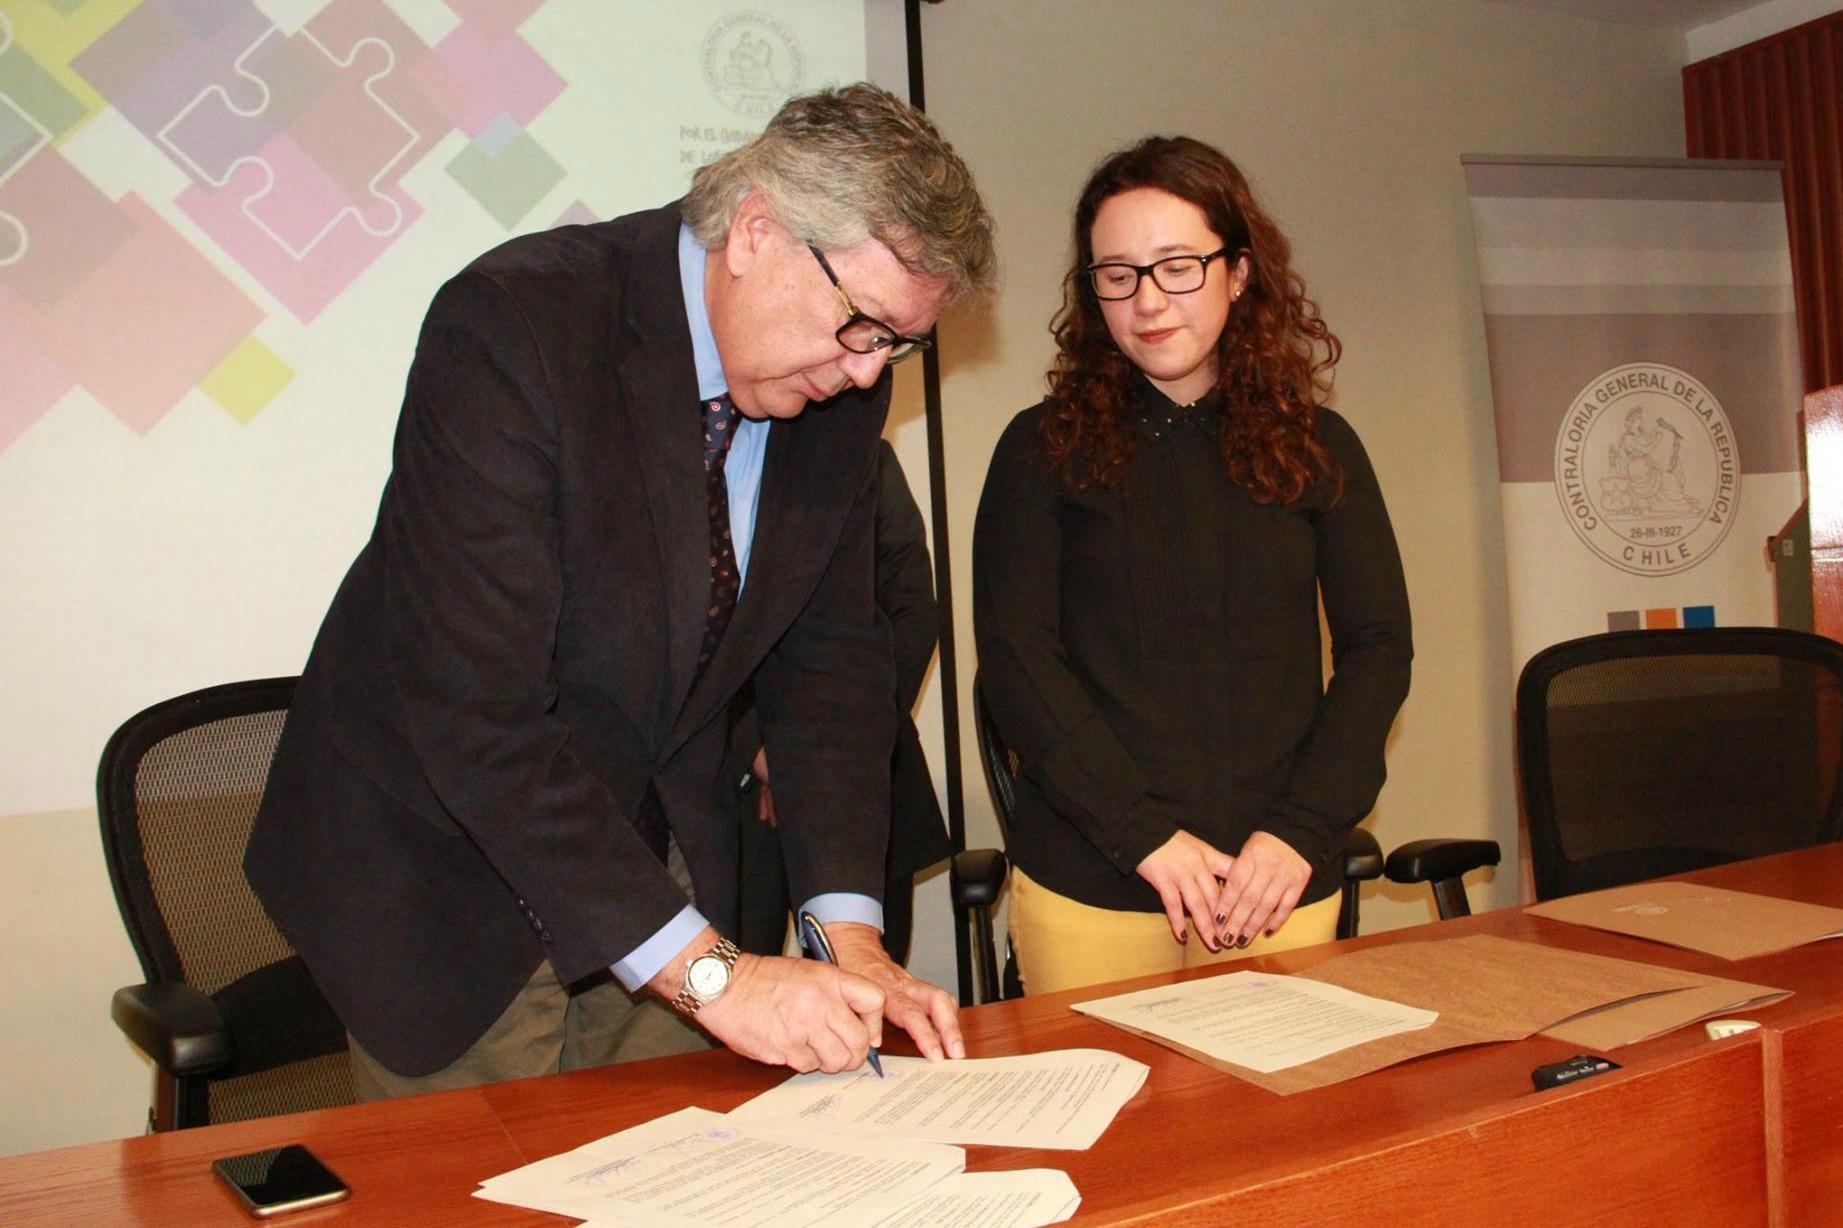 Rancagua firma acuerdo con Contraloría para fortalecer y transparentar gestión municipal